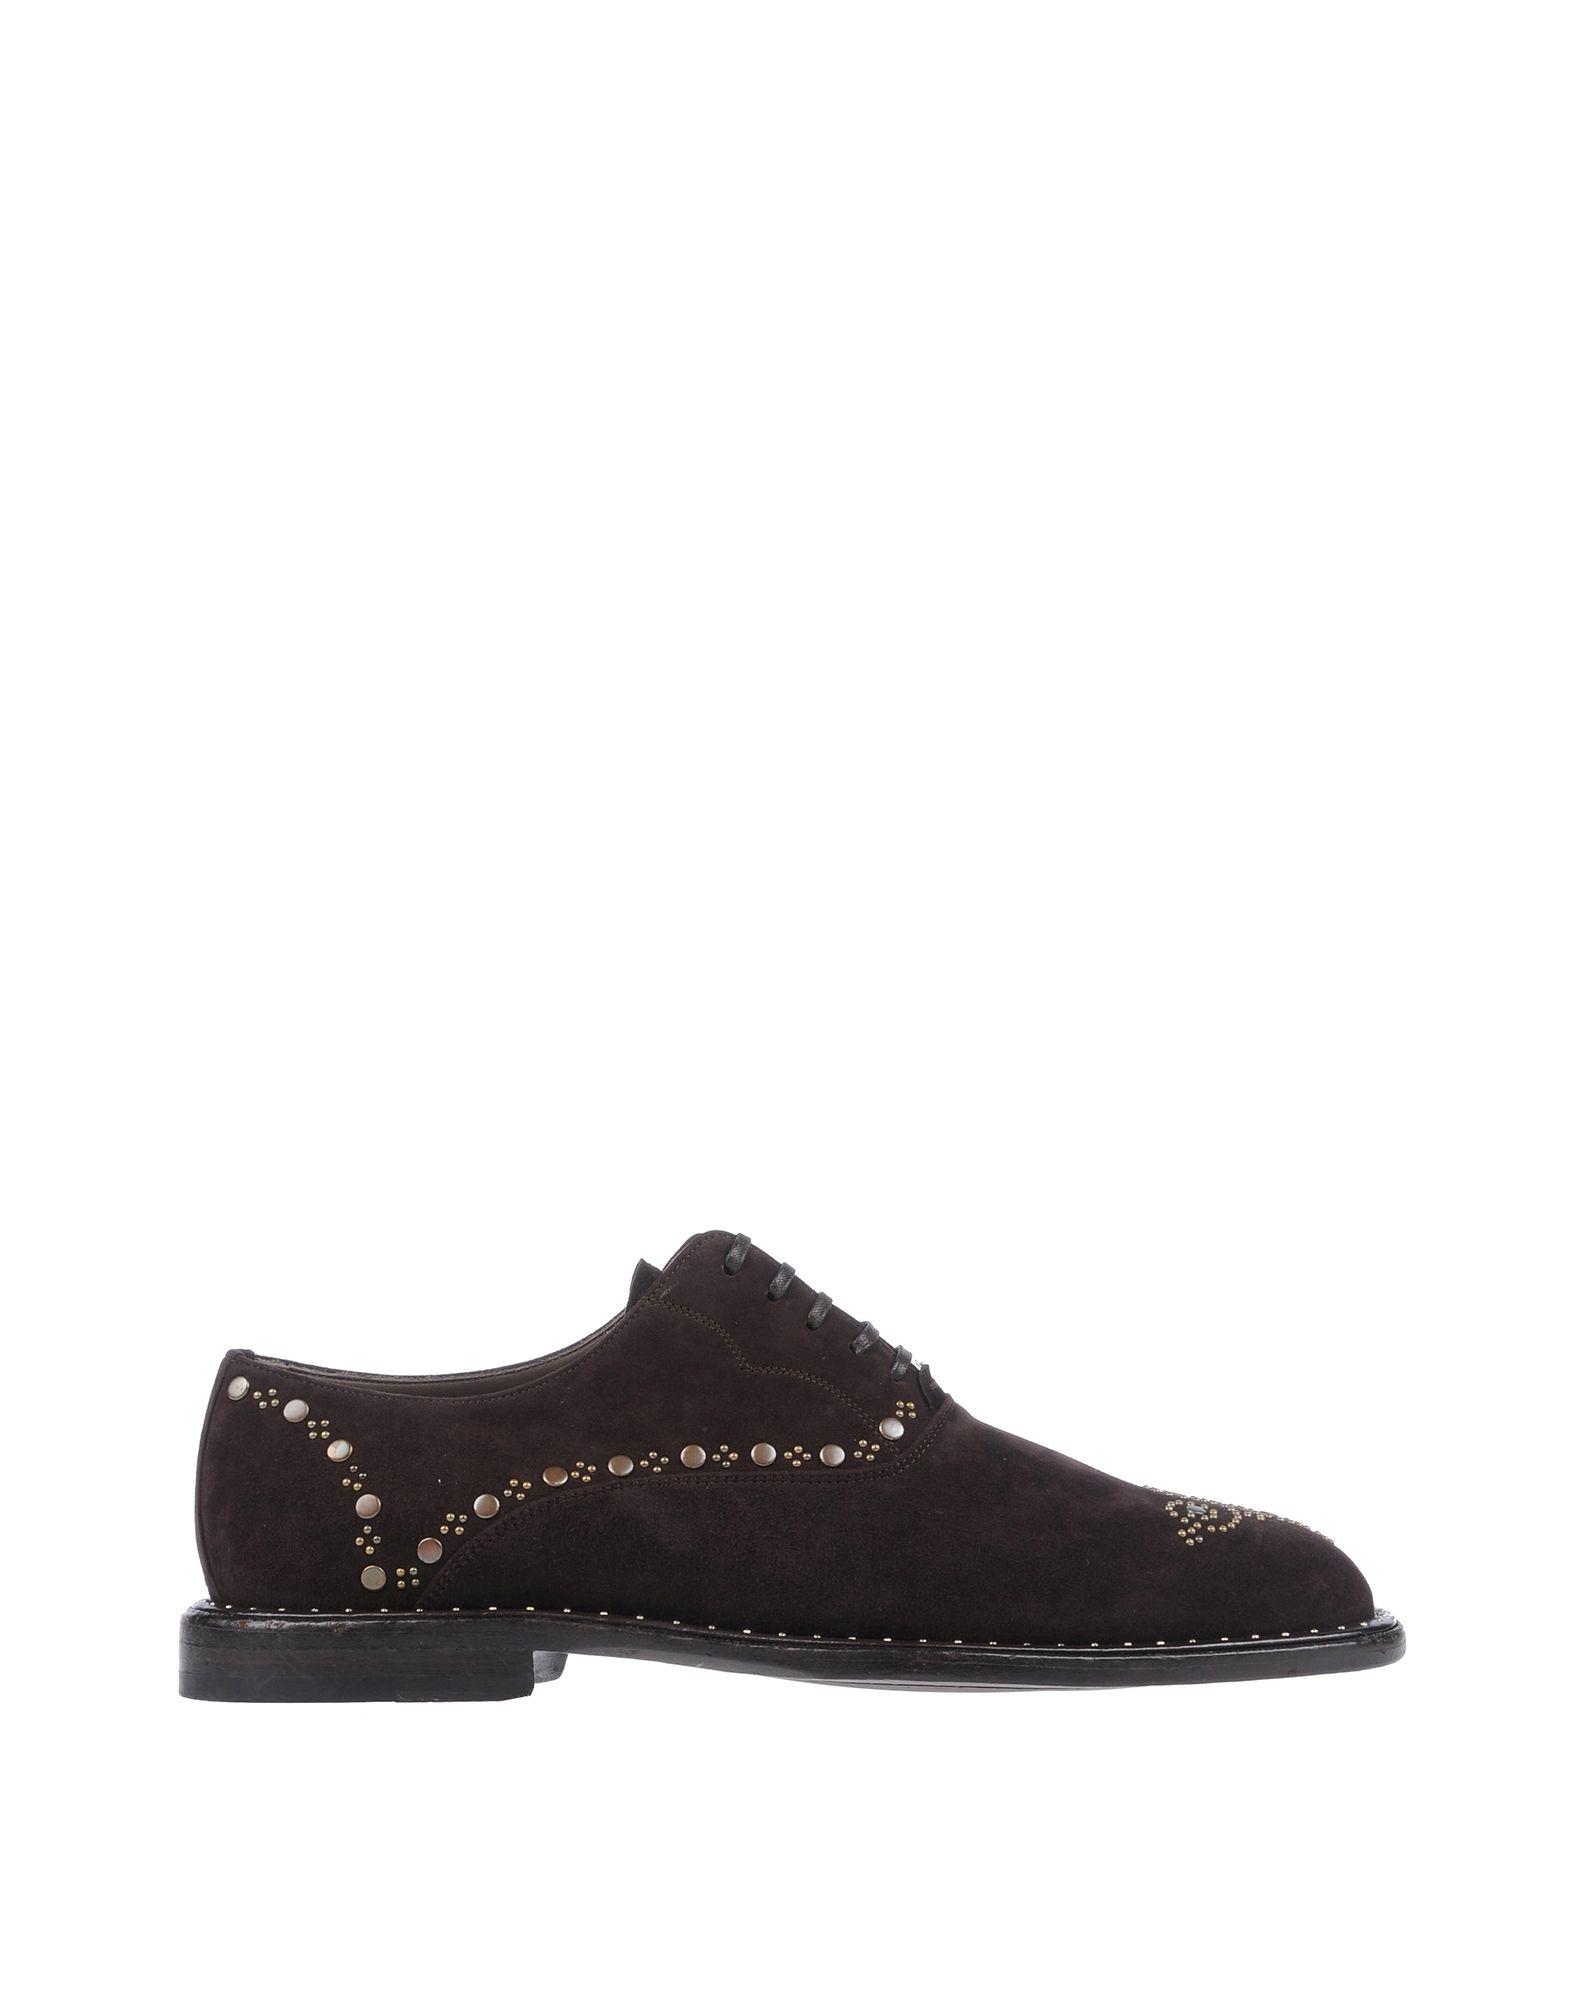 Dolce & Gute Gabbana Schnürschuhe Herren  11158421UA Gute & Qualität beliebte Schuhe aa7cec